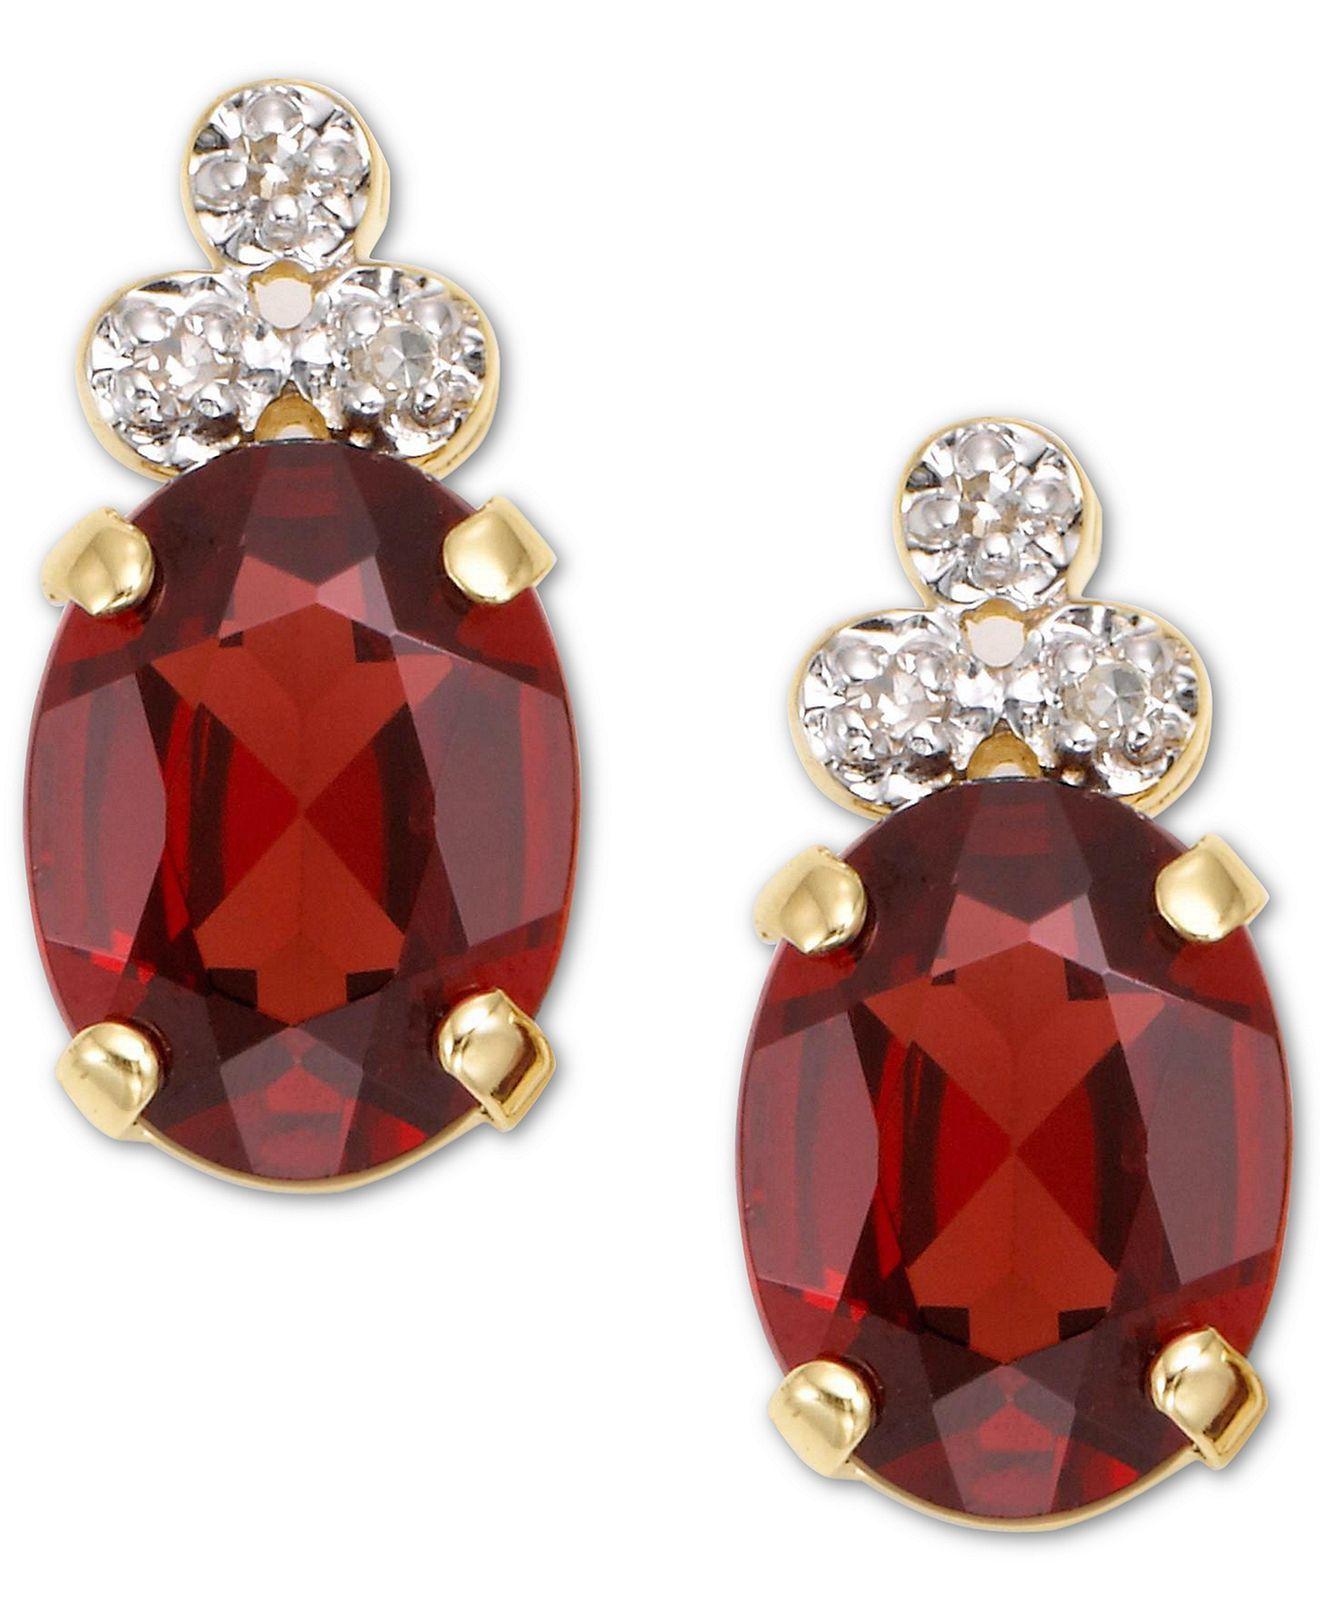 18++ Does macys buy jewelry info